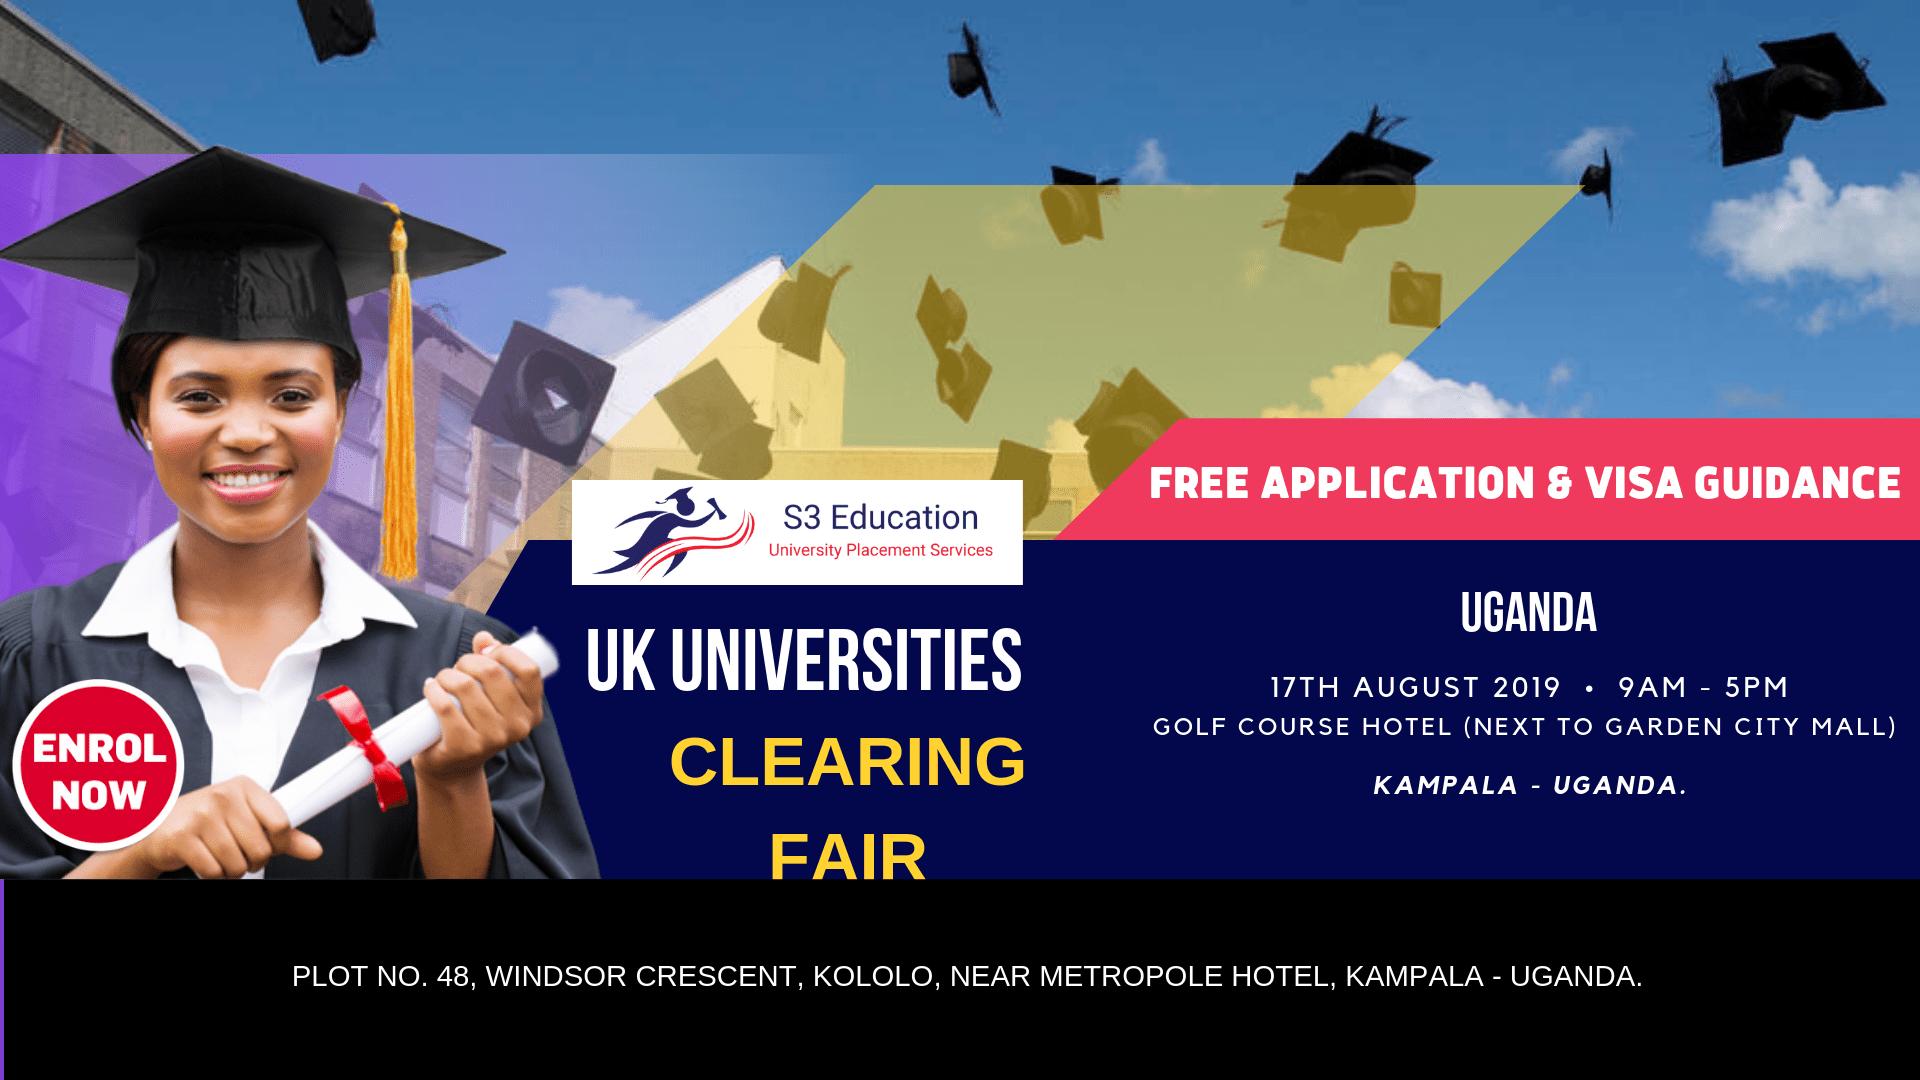 UK Universities Clearance Fair